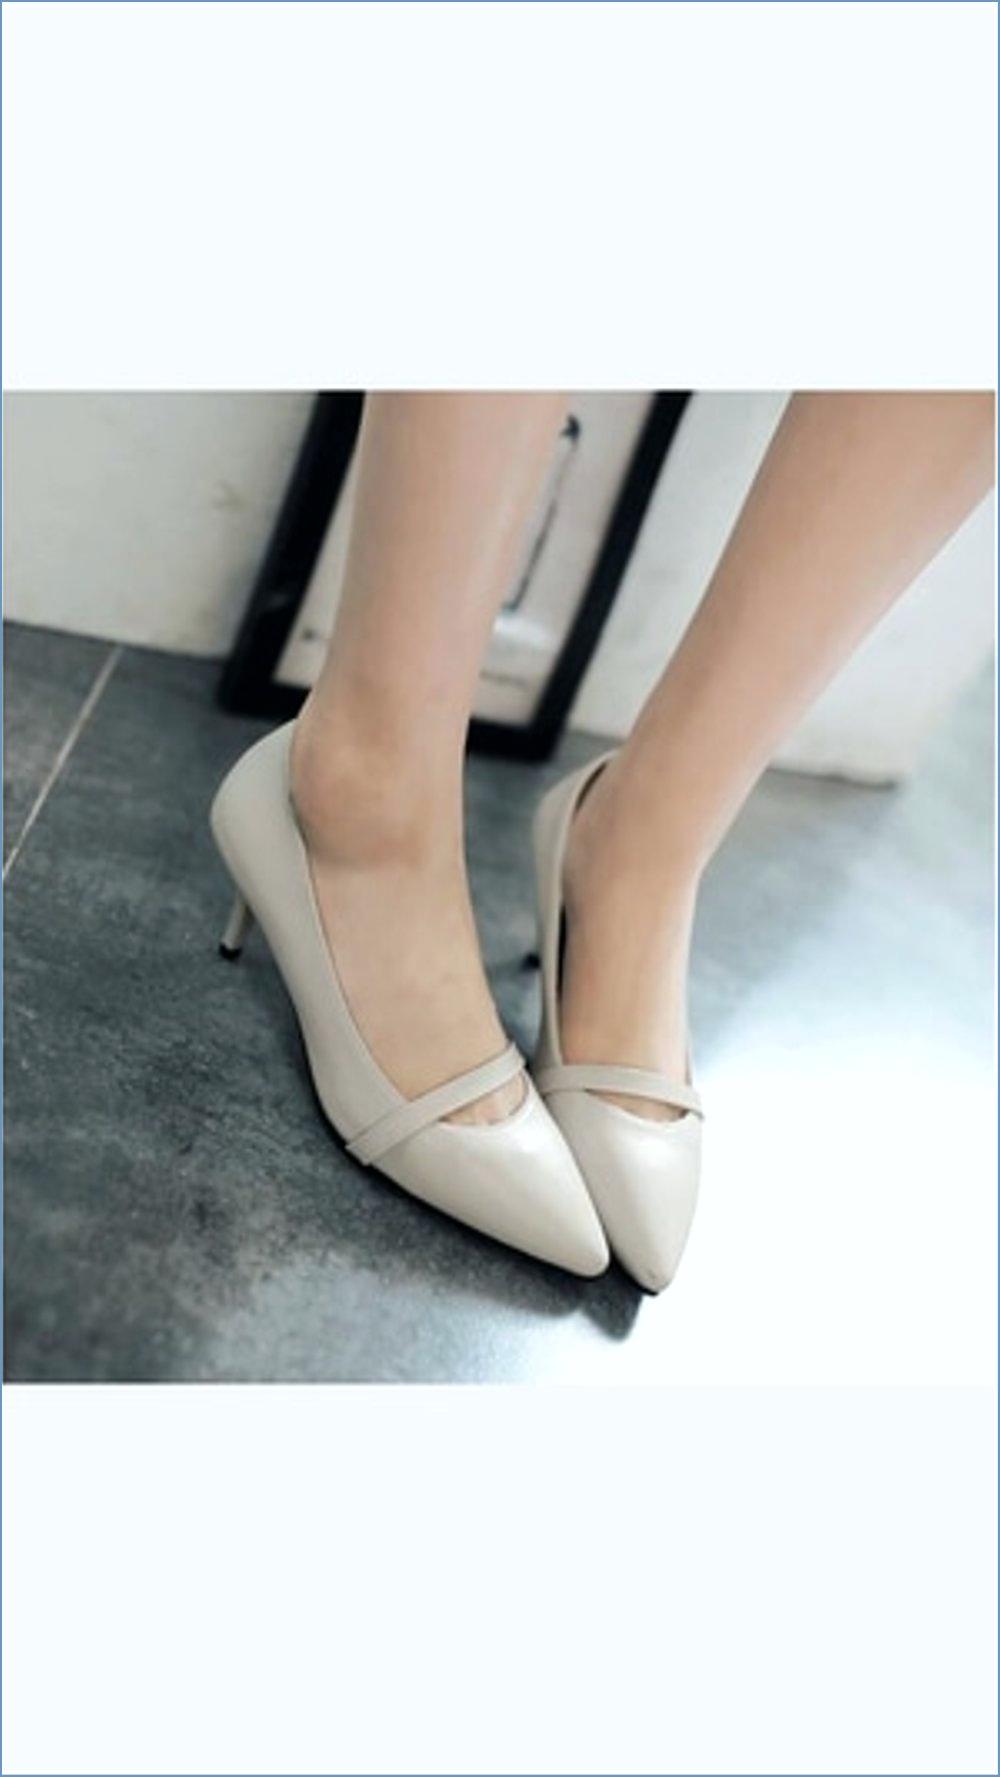 7o15sv jual high heels wanita murah mengenai high heels wanita murah